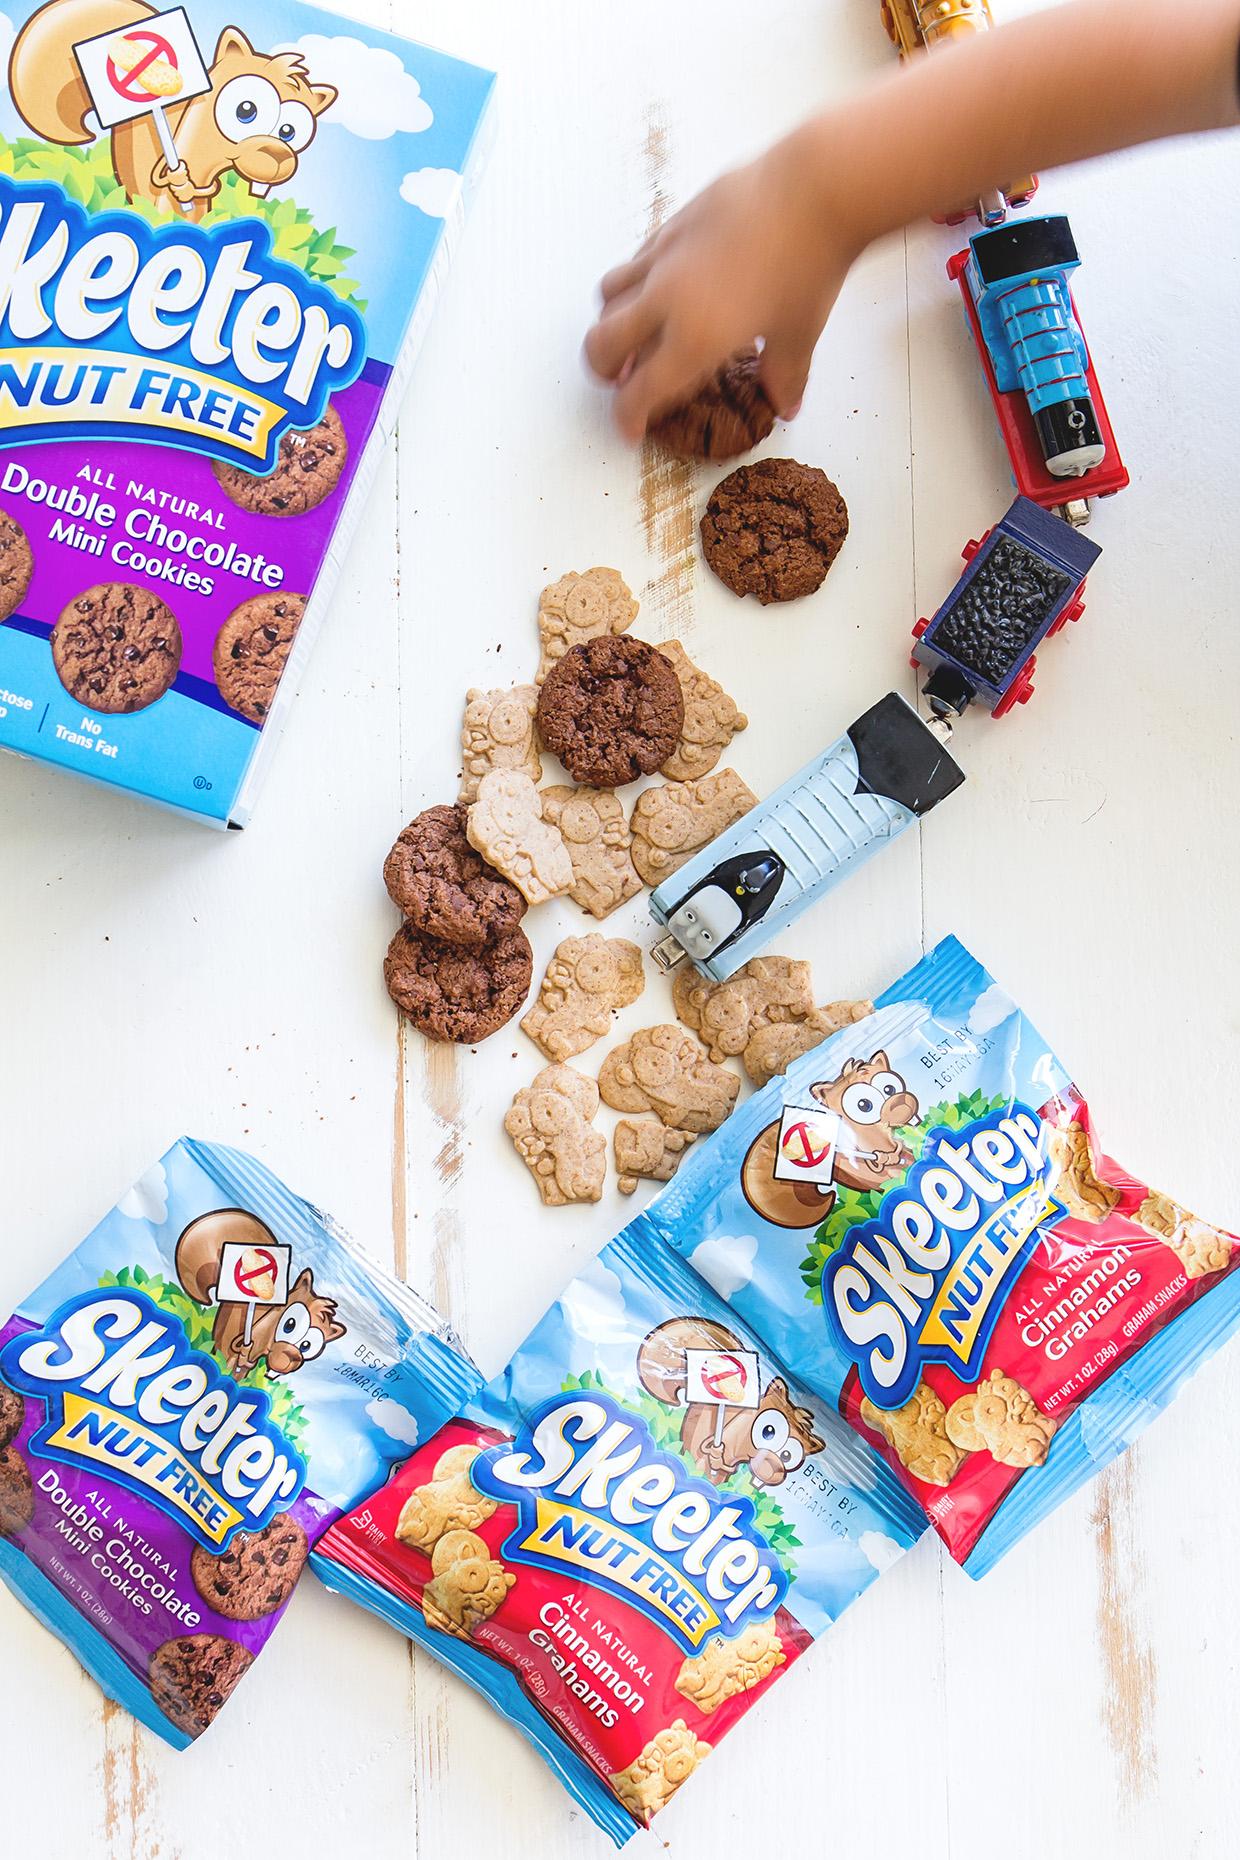 Skeeter Nut Free Snacks | Real Food by Dad